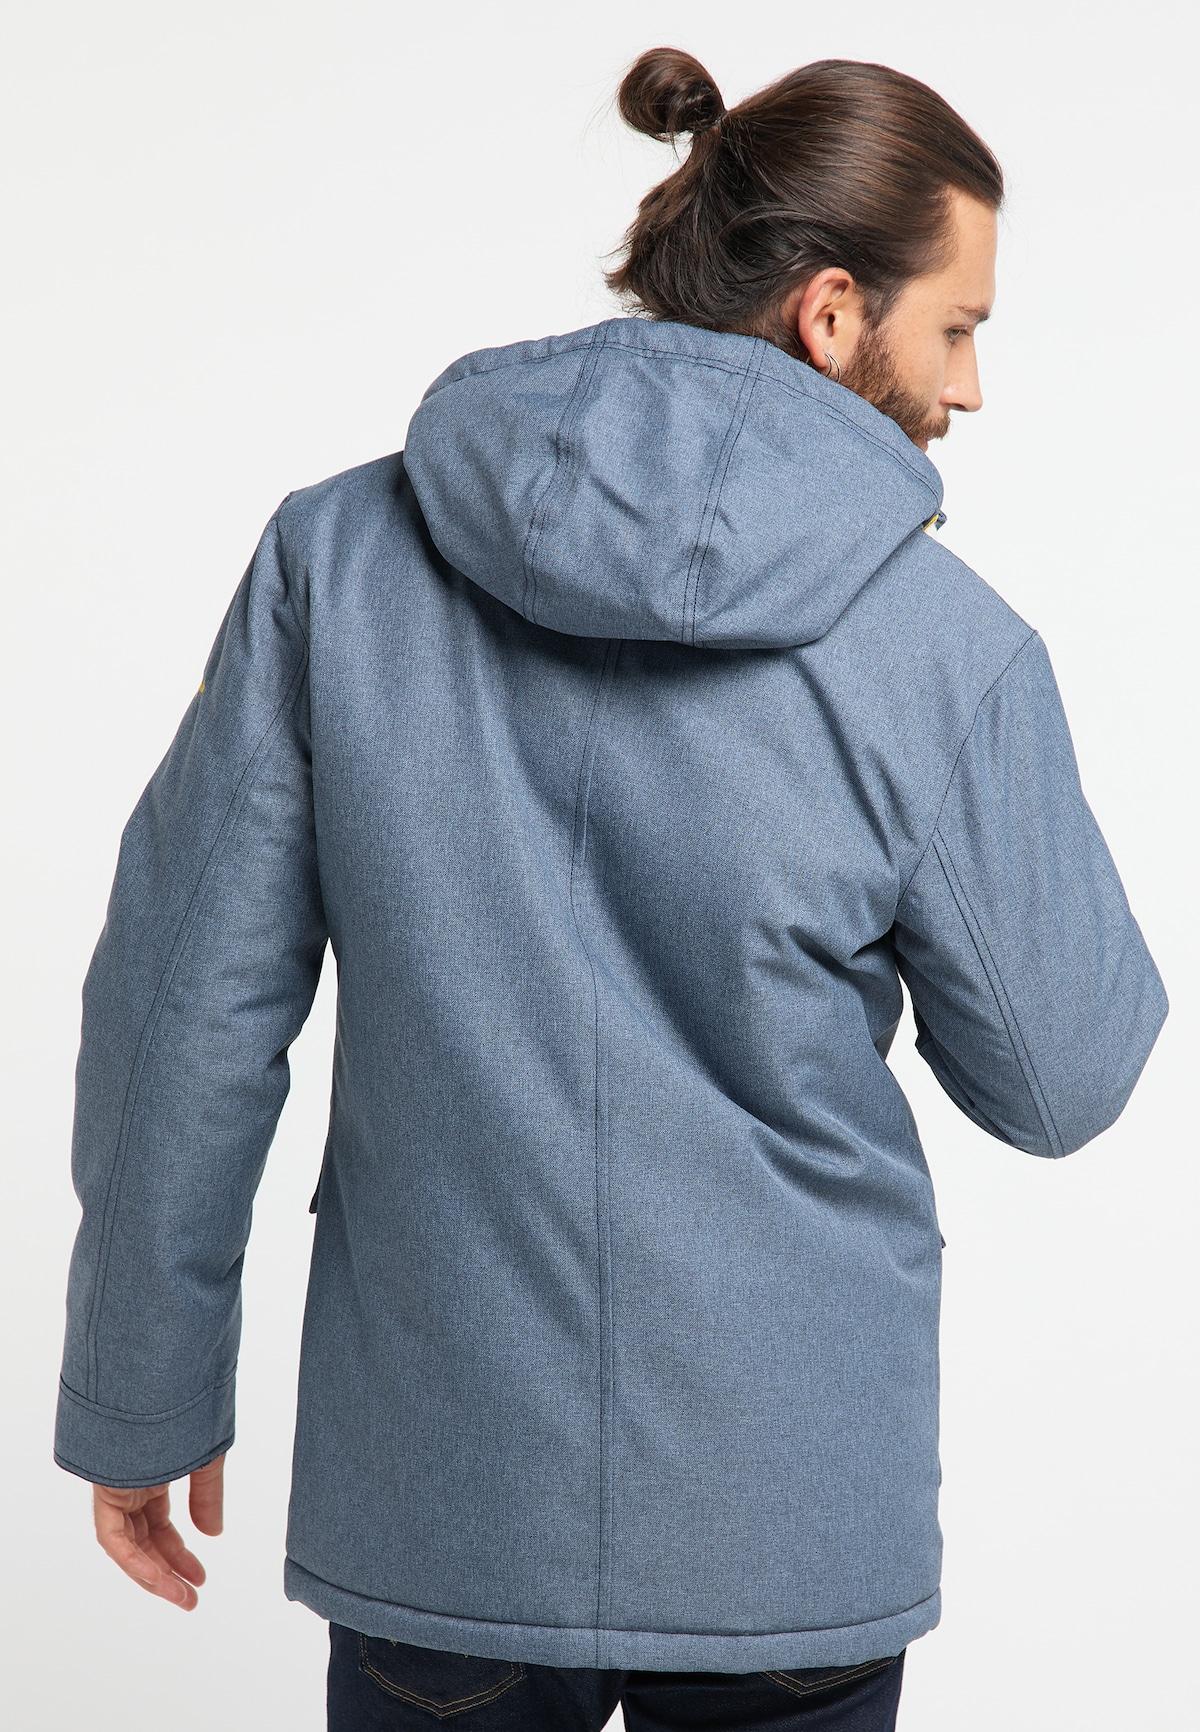 Bestbewertet Männer Bekleidung Schmuddelwedda Anorak in rauchblau / gelb Verkaufsschlager